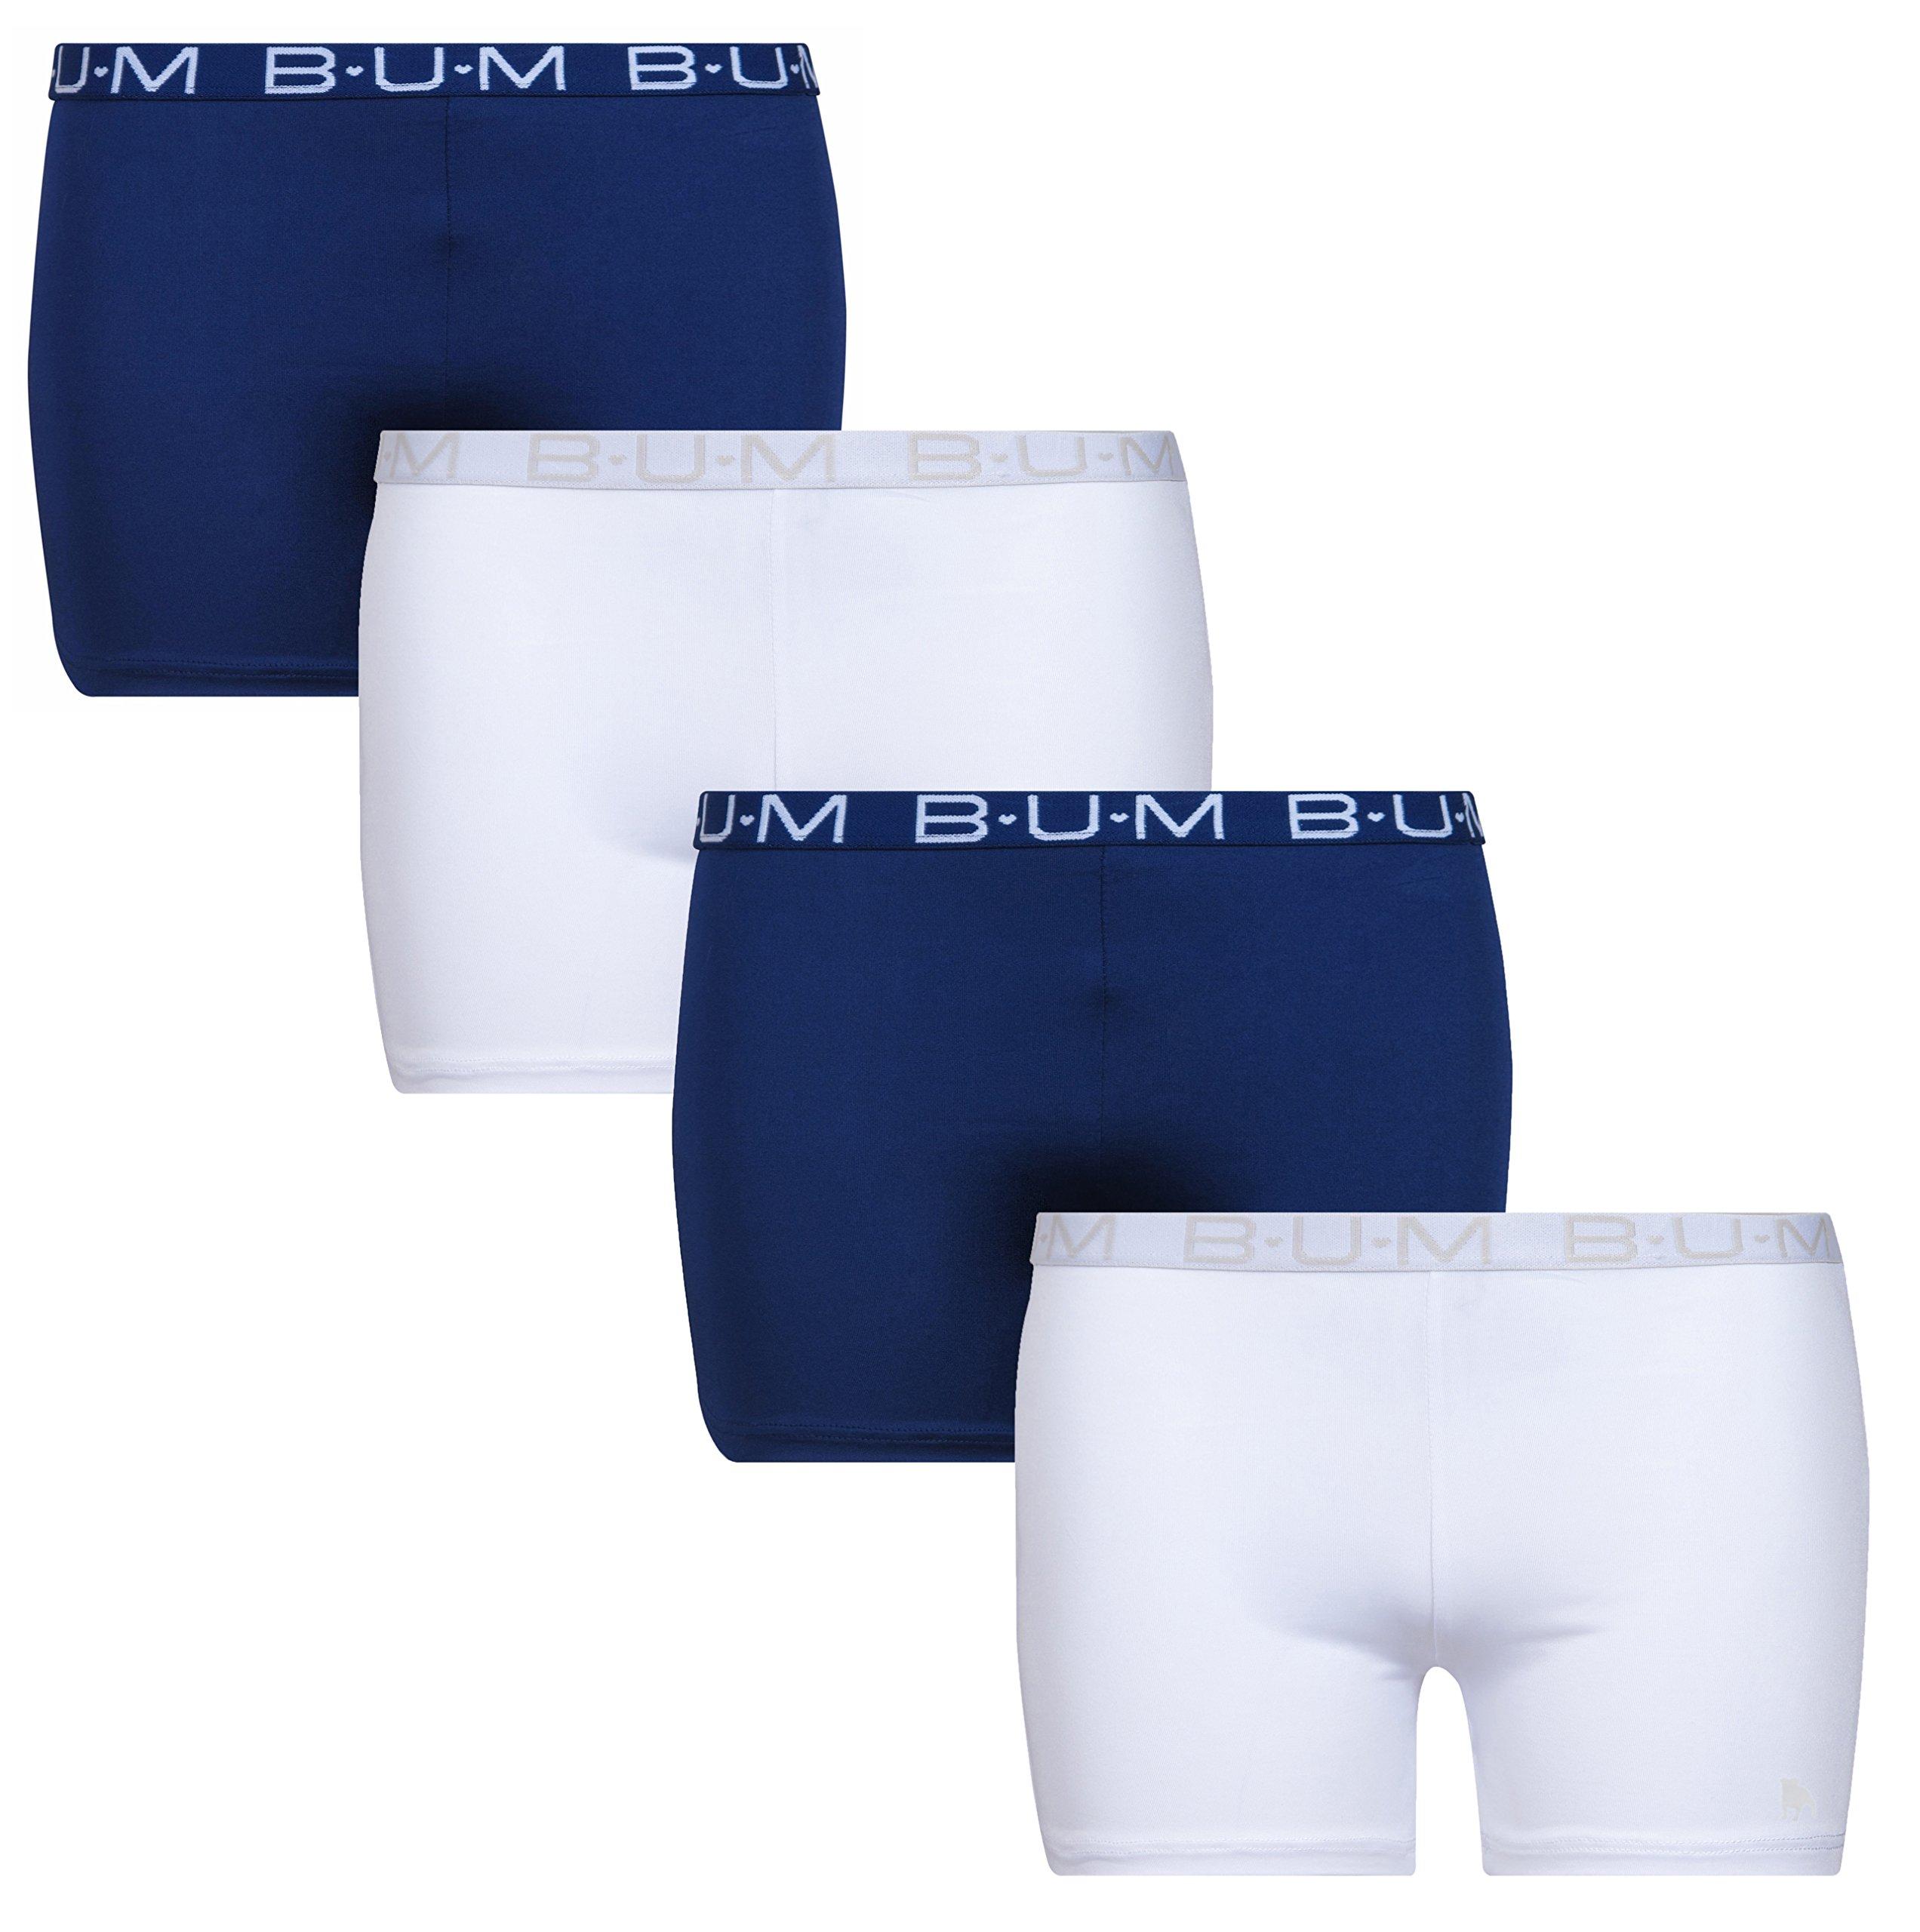 'B.U.M. Equipment Girls' Active Playground Shorts - 4 Pack, Navy, Navy, White, White, Medium - 7/8'